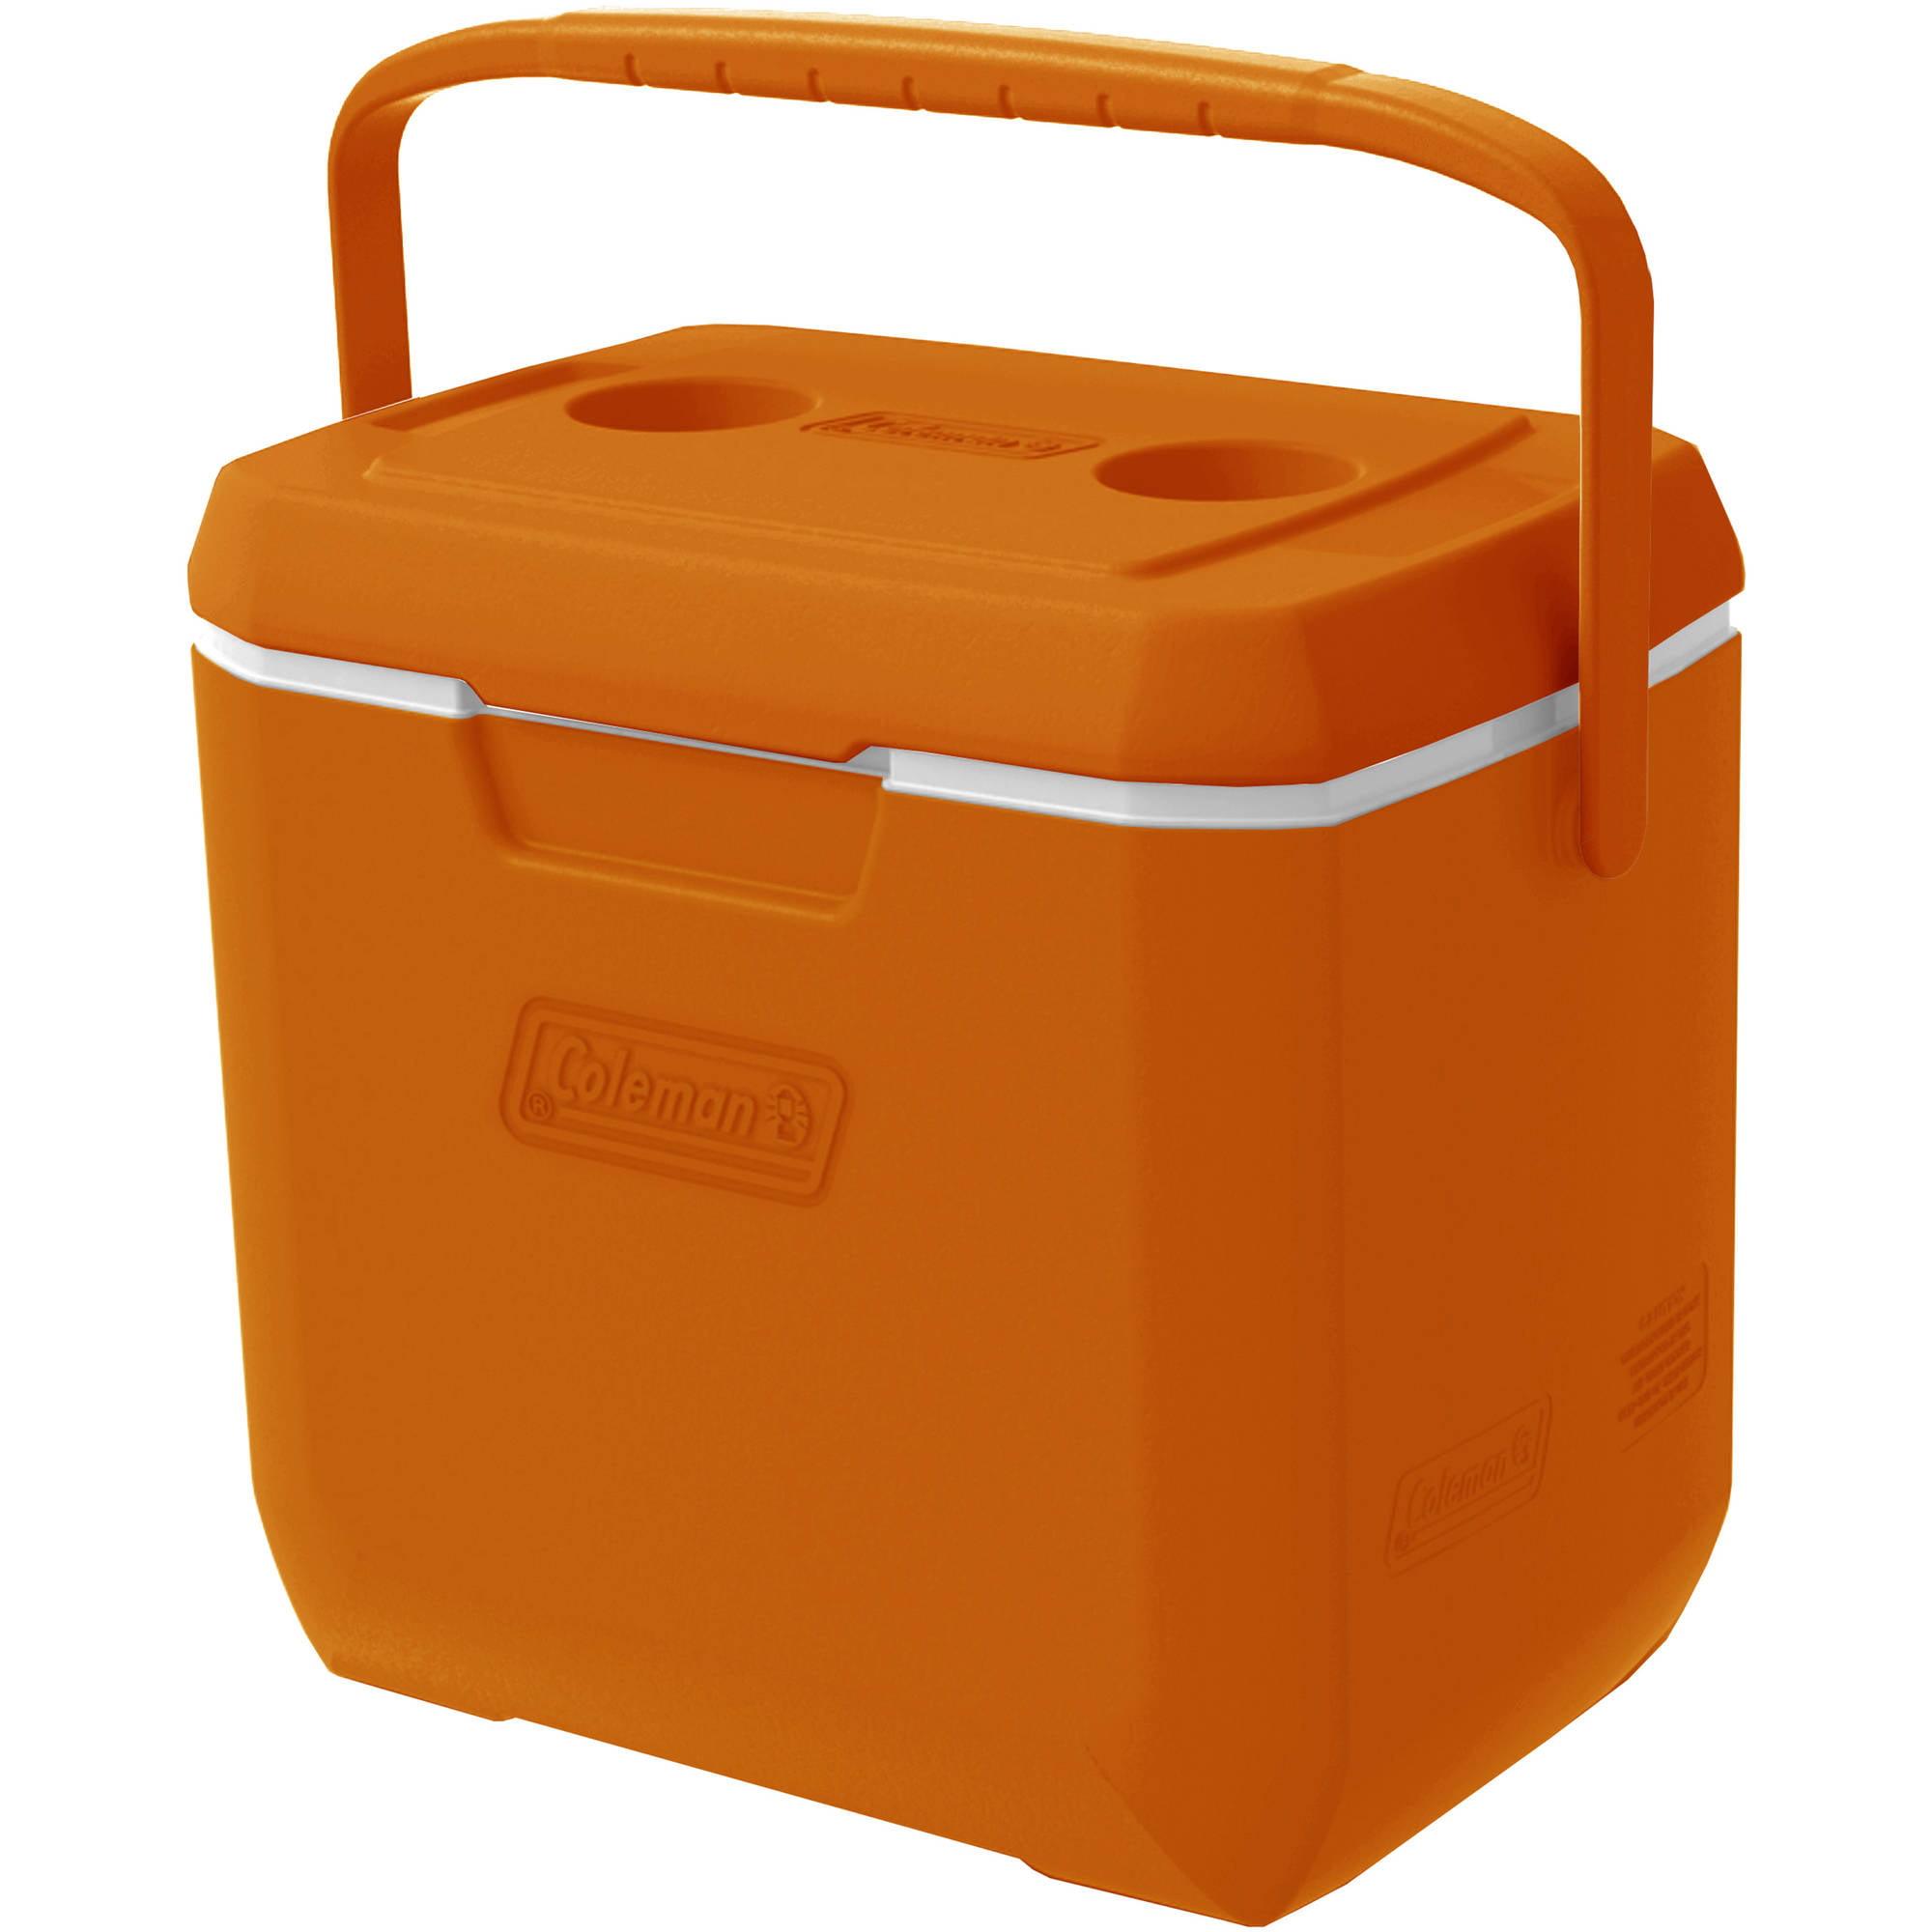 Coleman 28-Quart Xtreme 3 Cooler